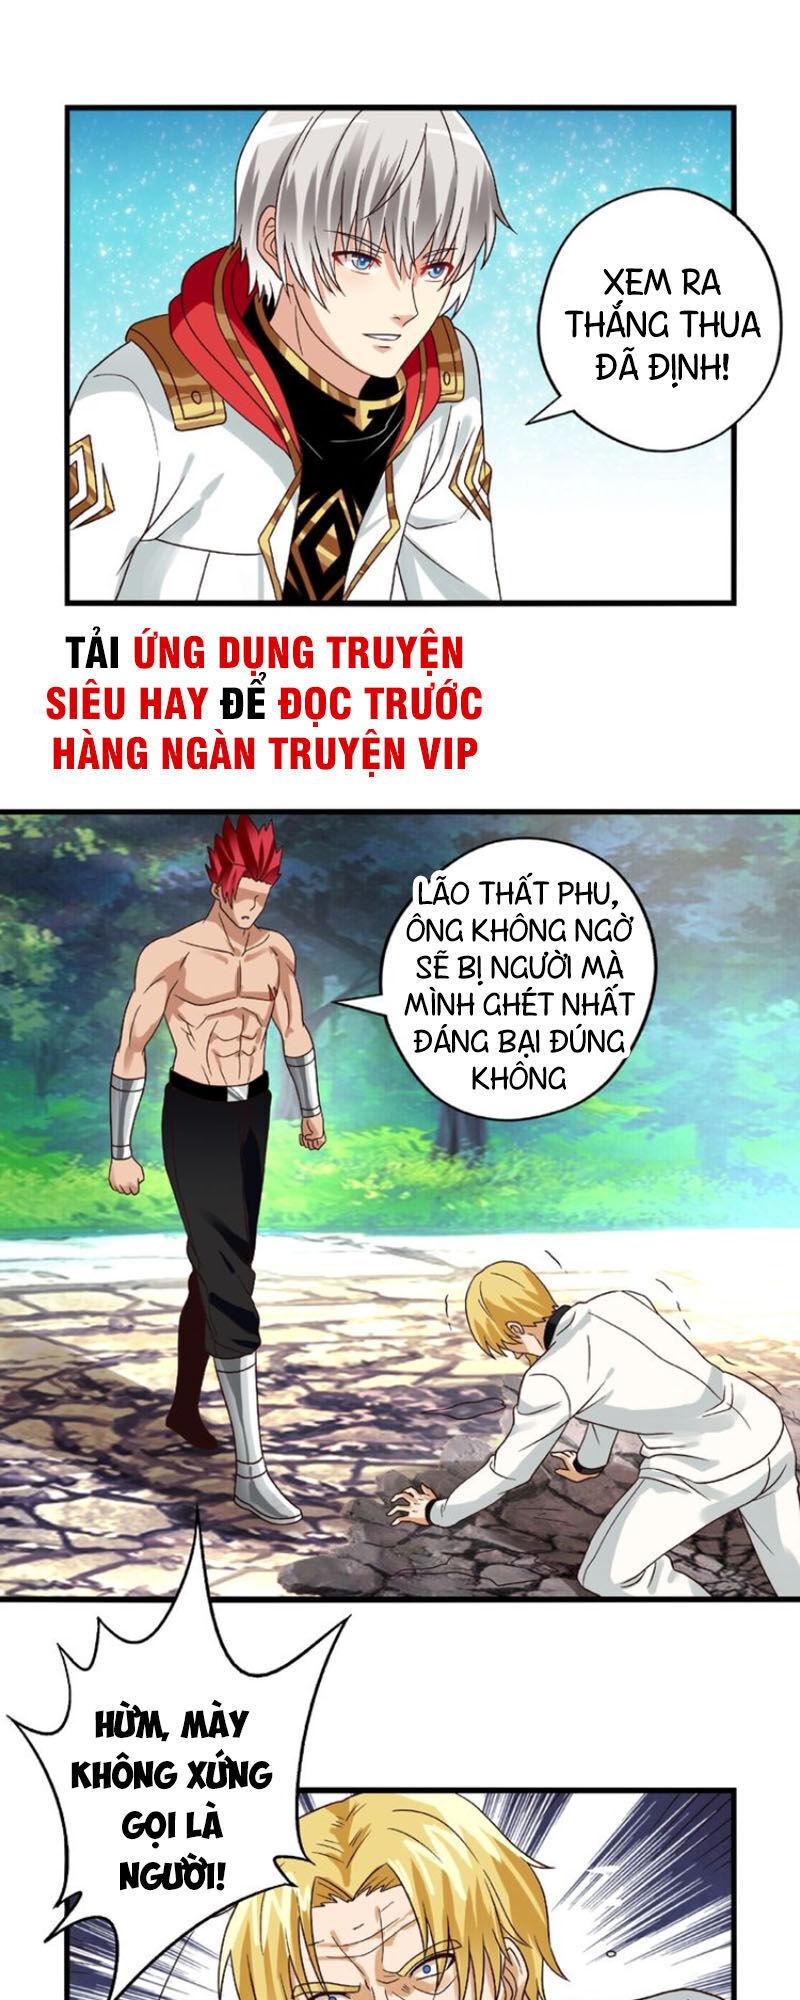 Thôn Phệ Lĩnh Vực Chapter 77 - Trang 6